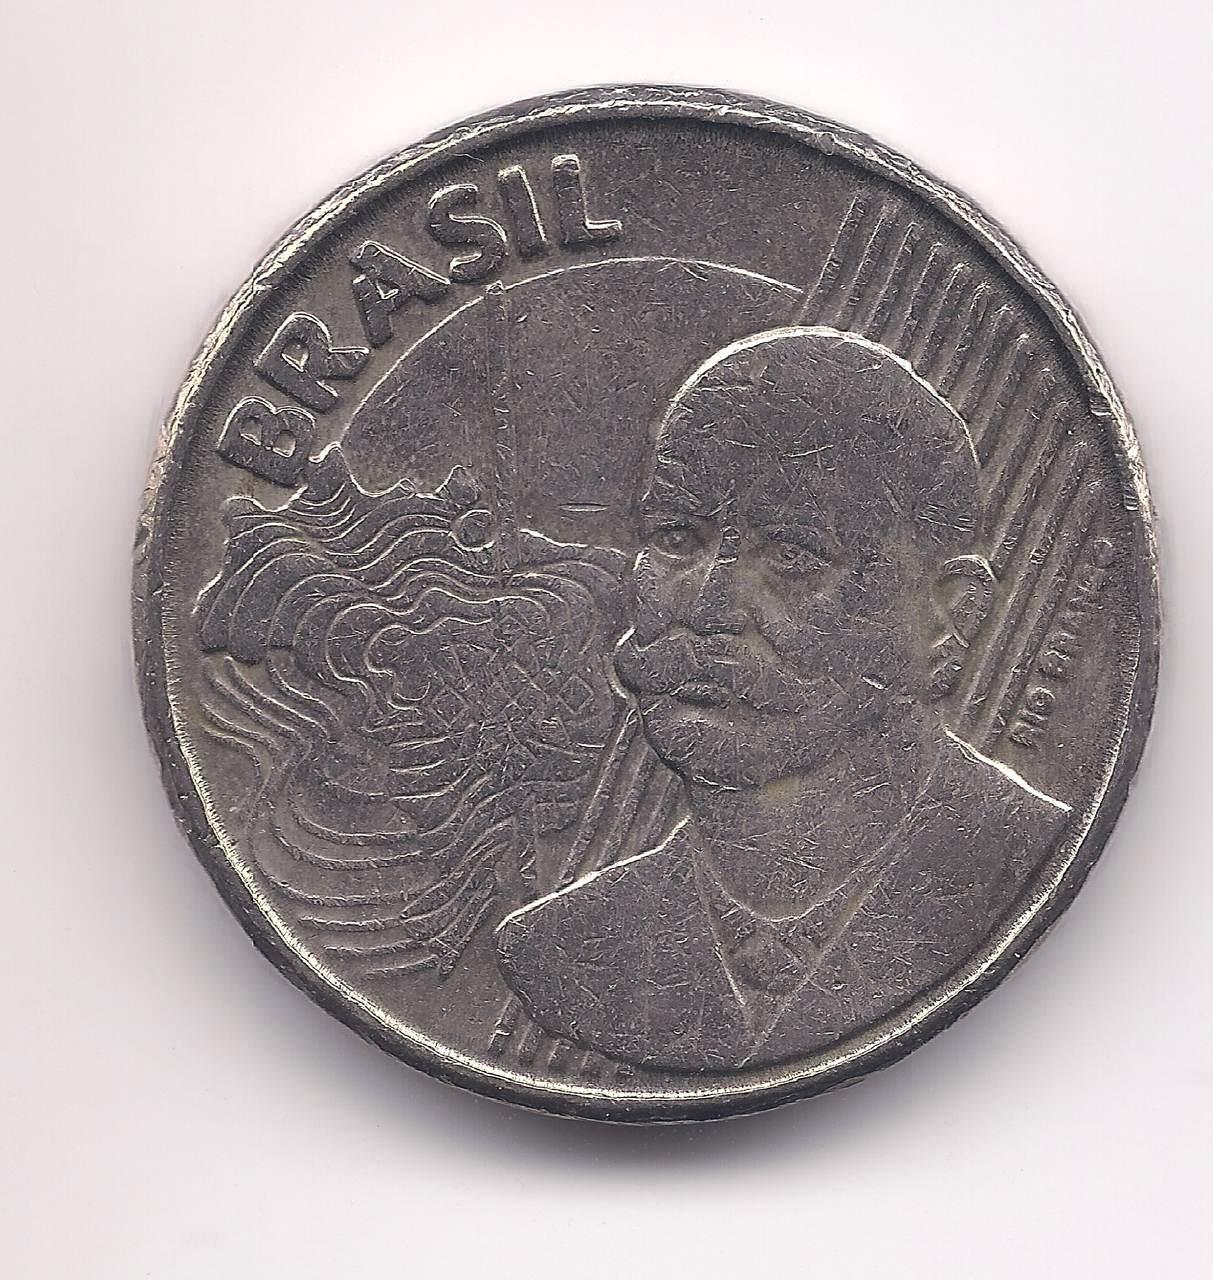 V527 - 50 Centavos 1998